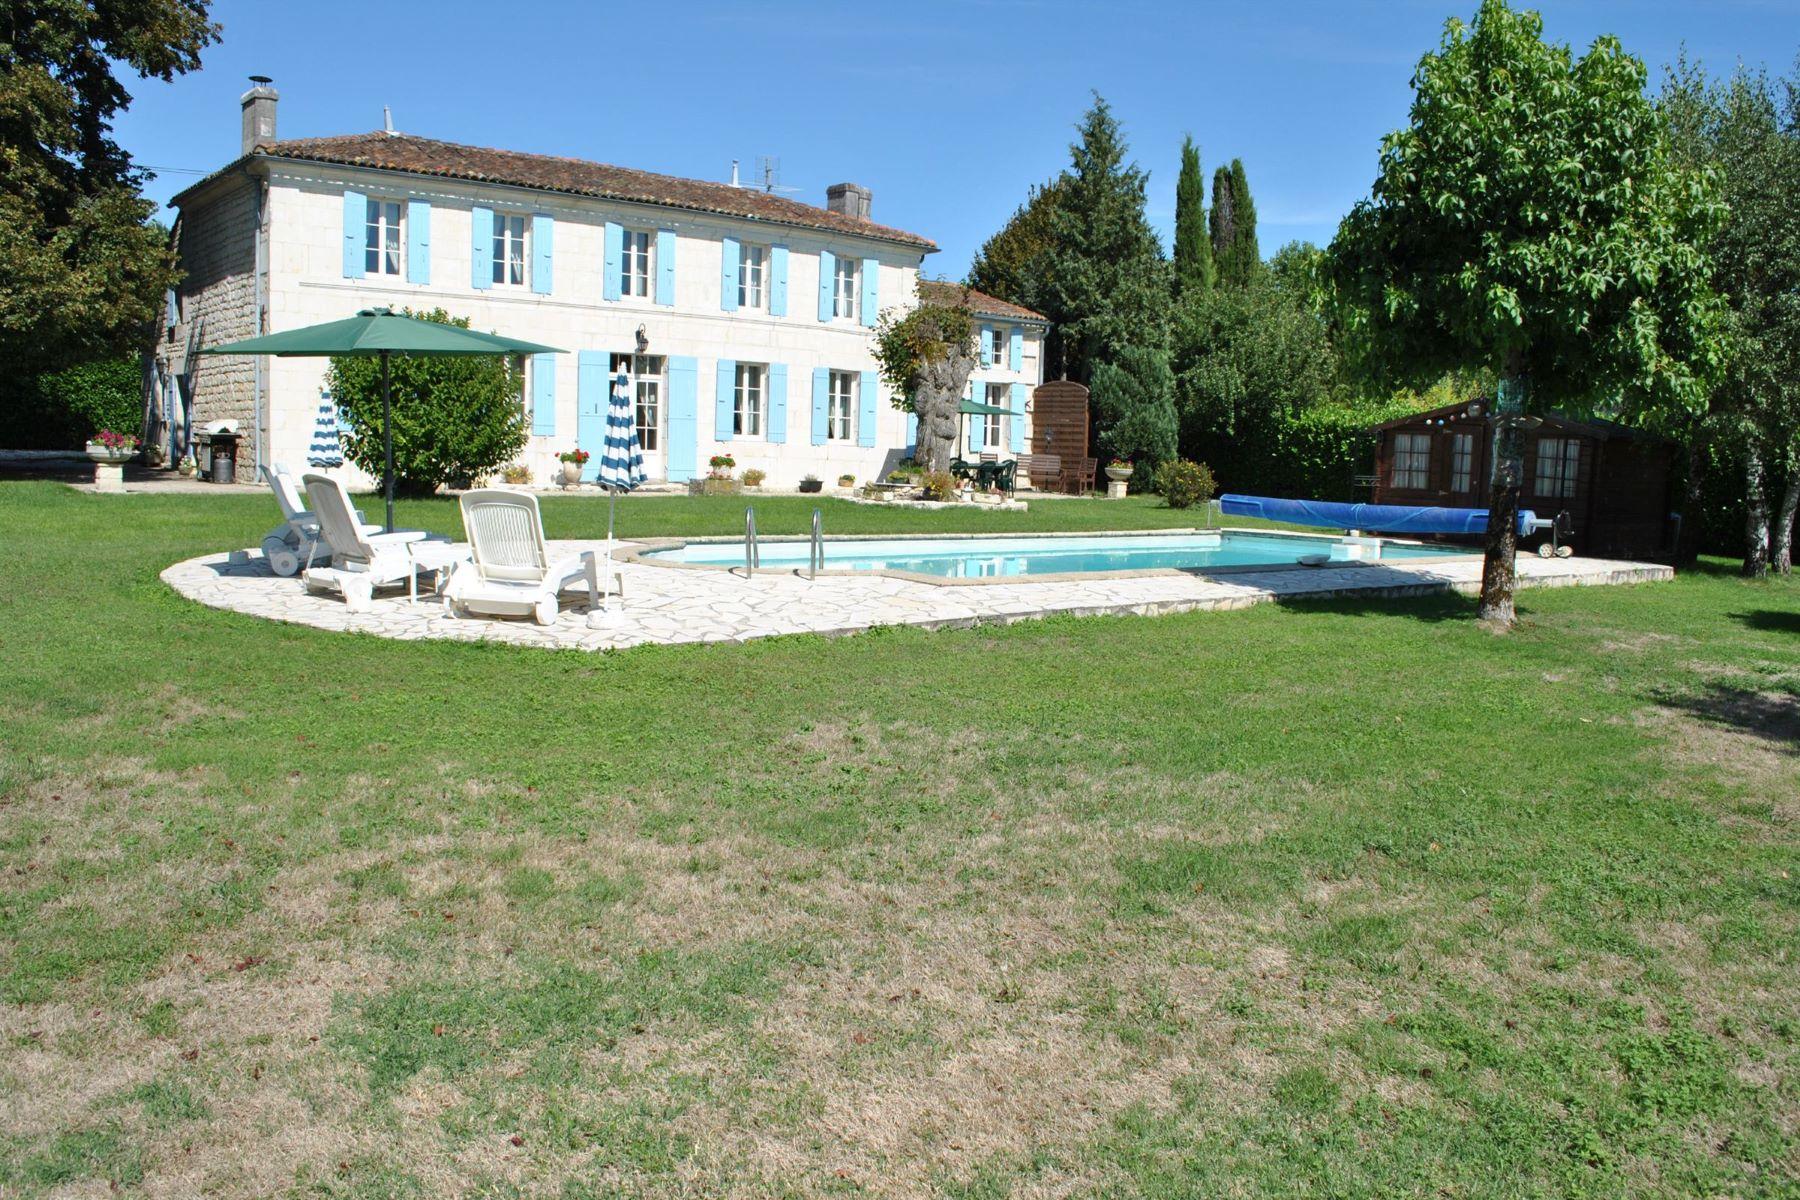 独户住宅 为 销售 在 Charentaise House with pool close to SAINTES 圣特斯, 普瓦图夏朗德, 17100 法国